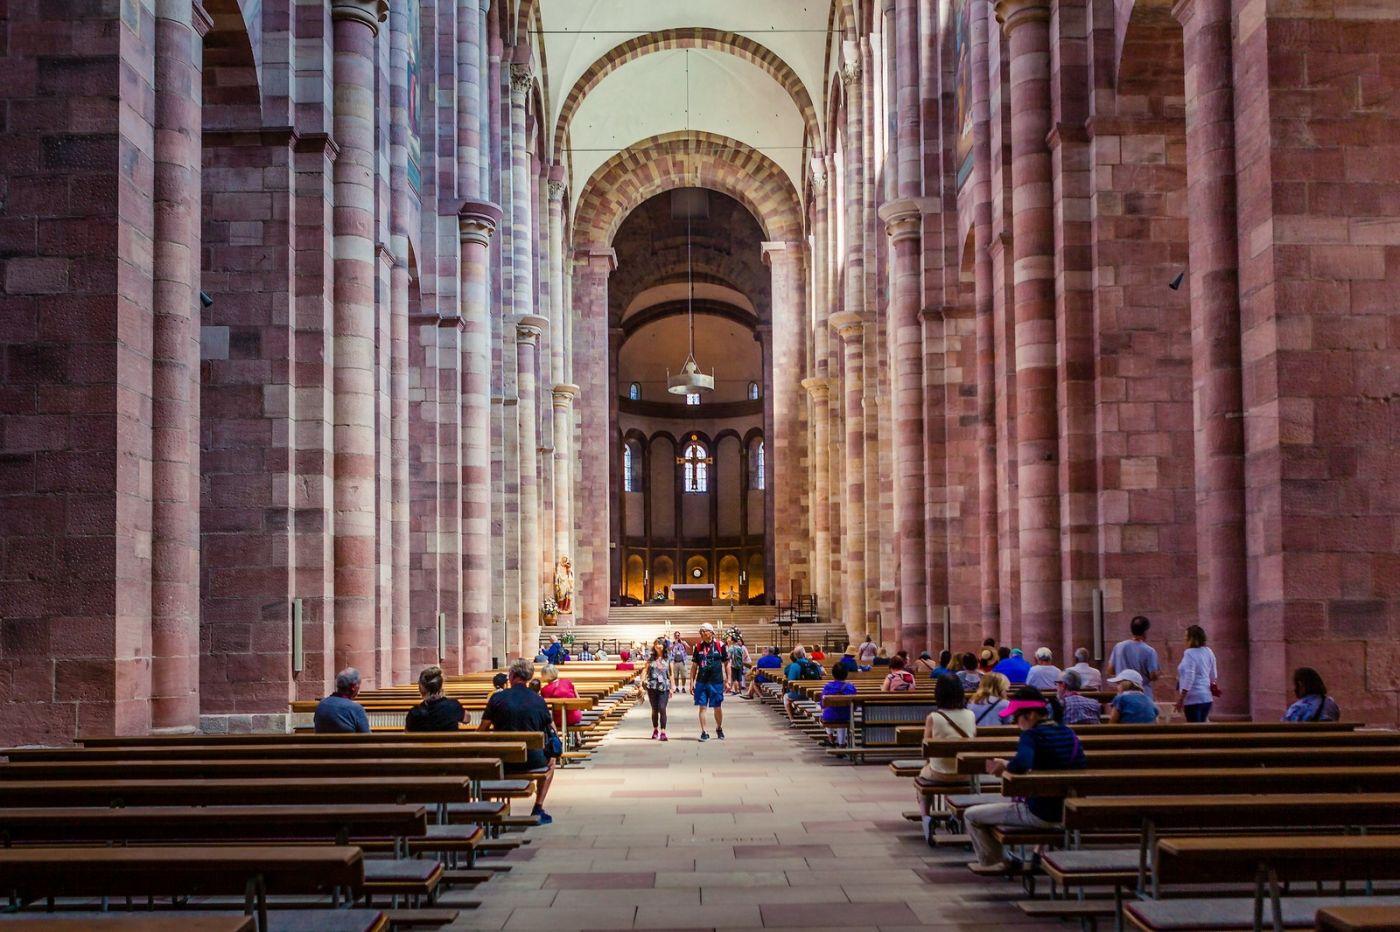 德国施派尔(Speyer)大教堂,标志建筑_图1-2